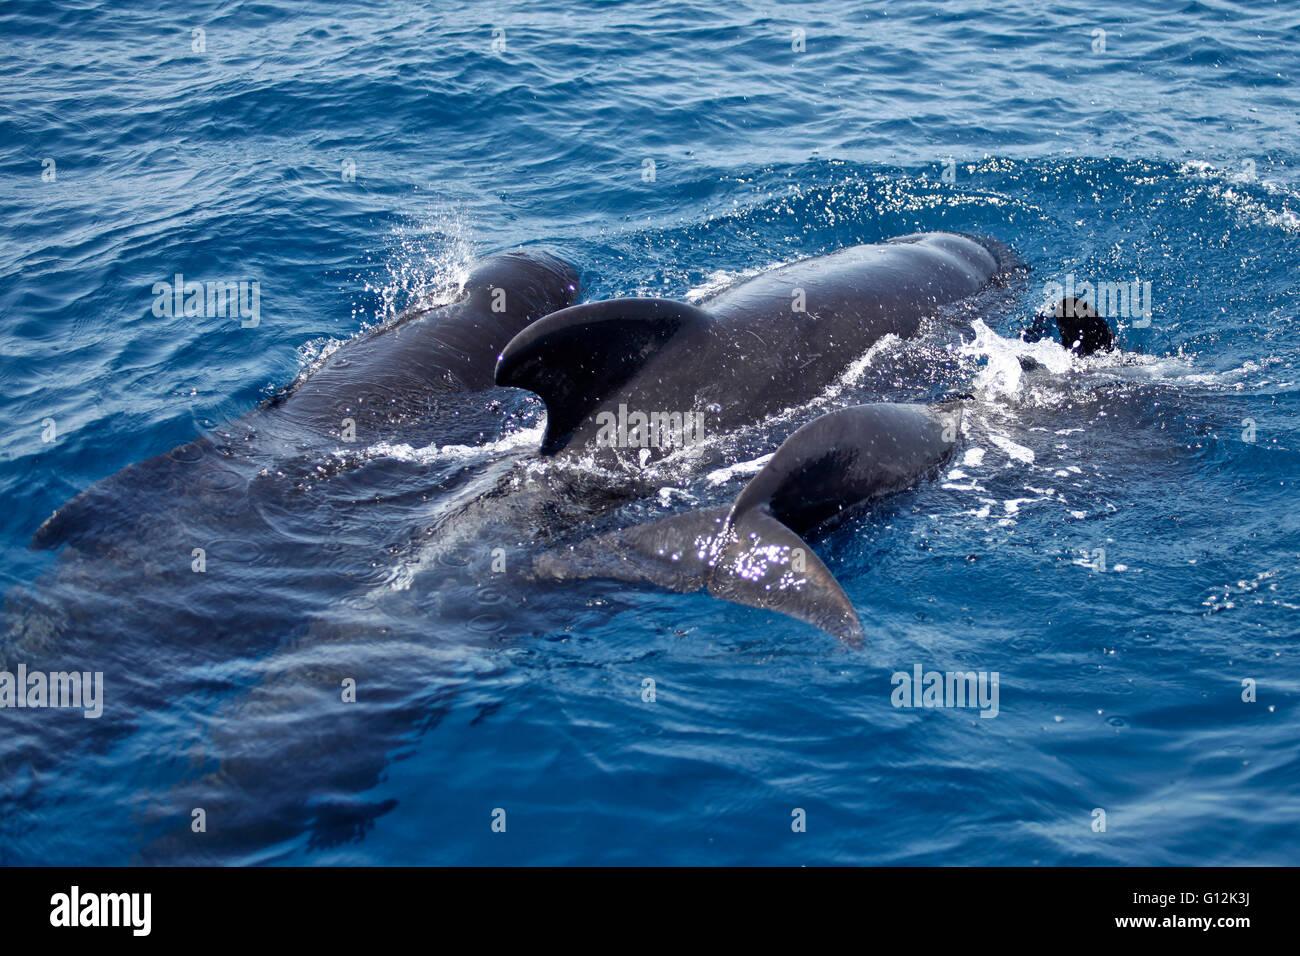 Family of Short-finned Pilot Whale, Globicephala macrorhynchus, Strait of Gibraltar, Spain Stock Photo